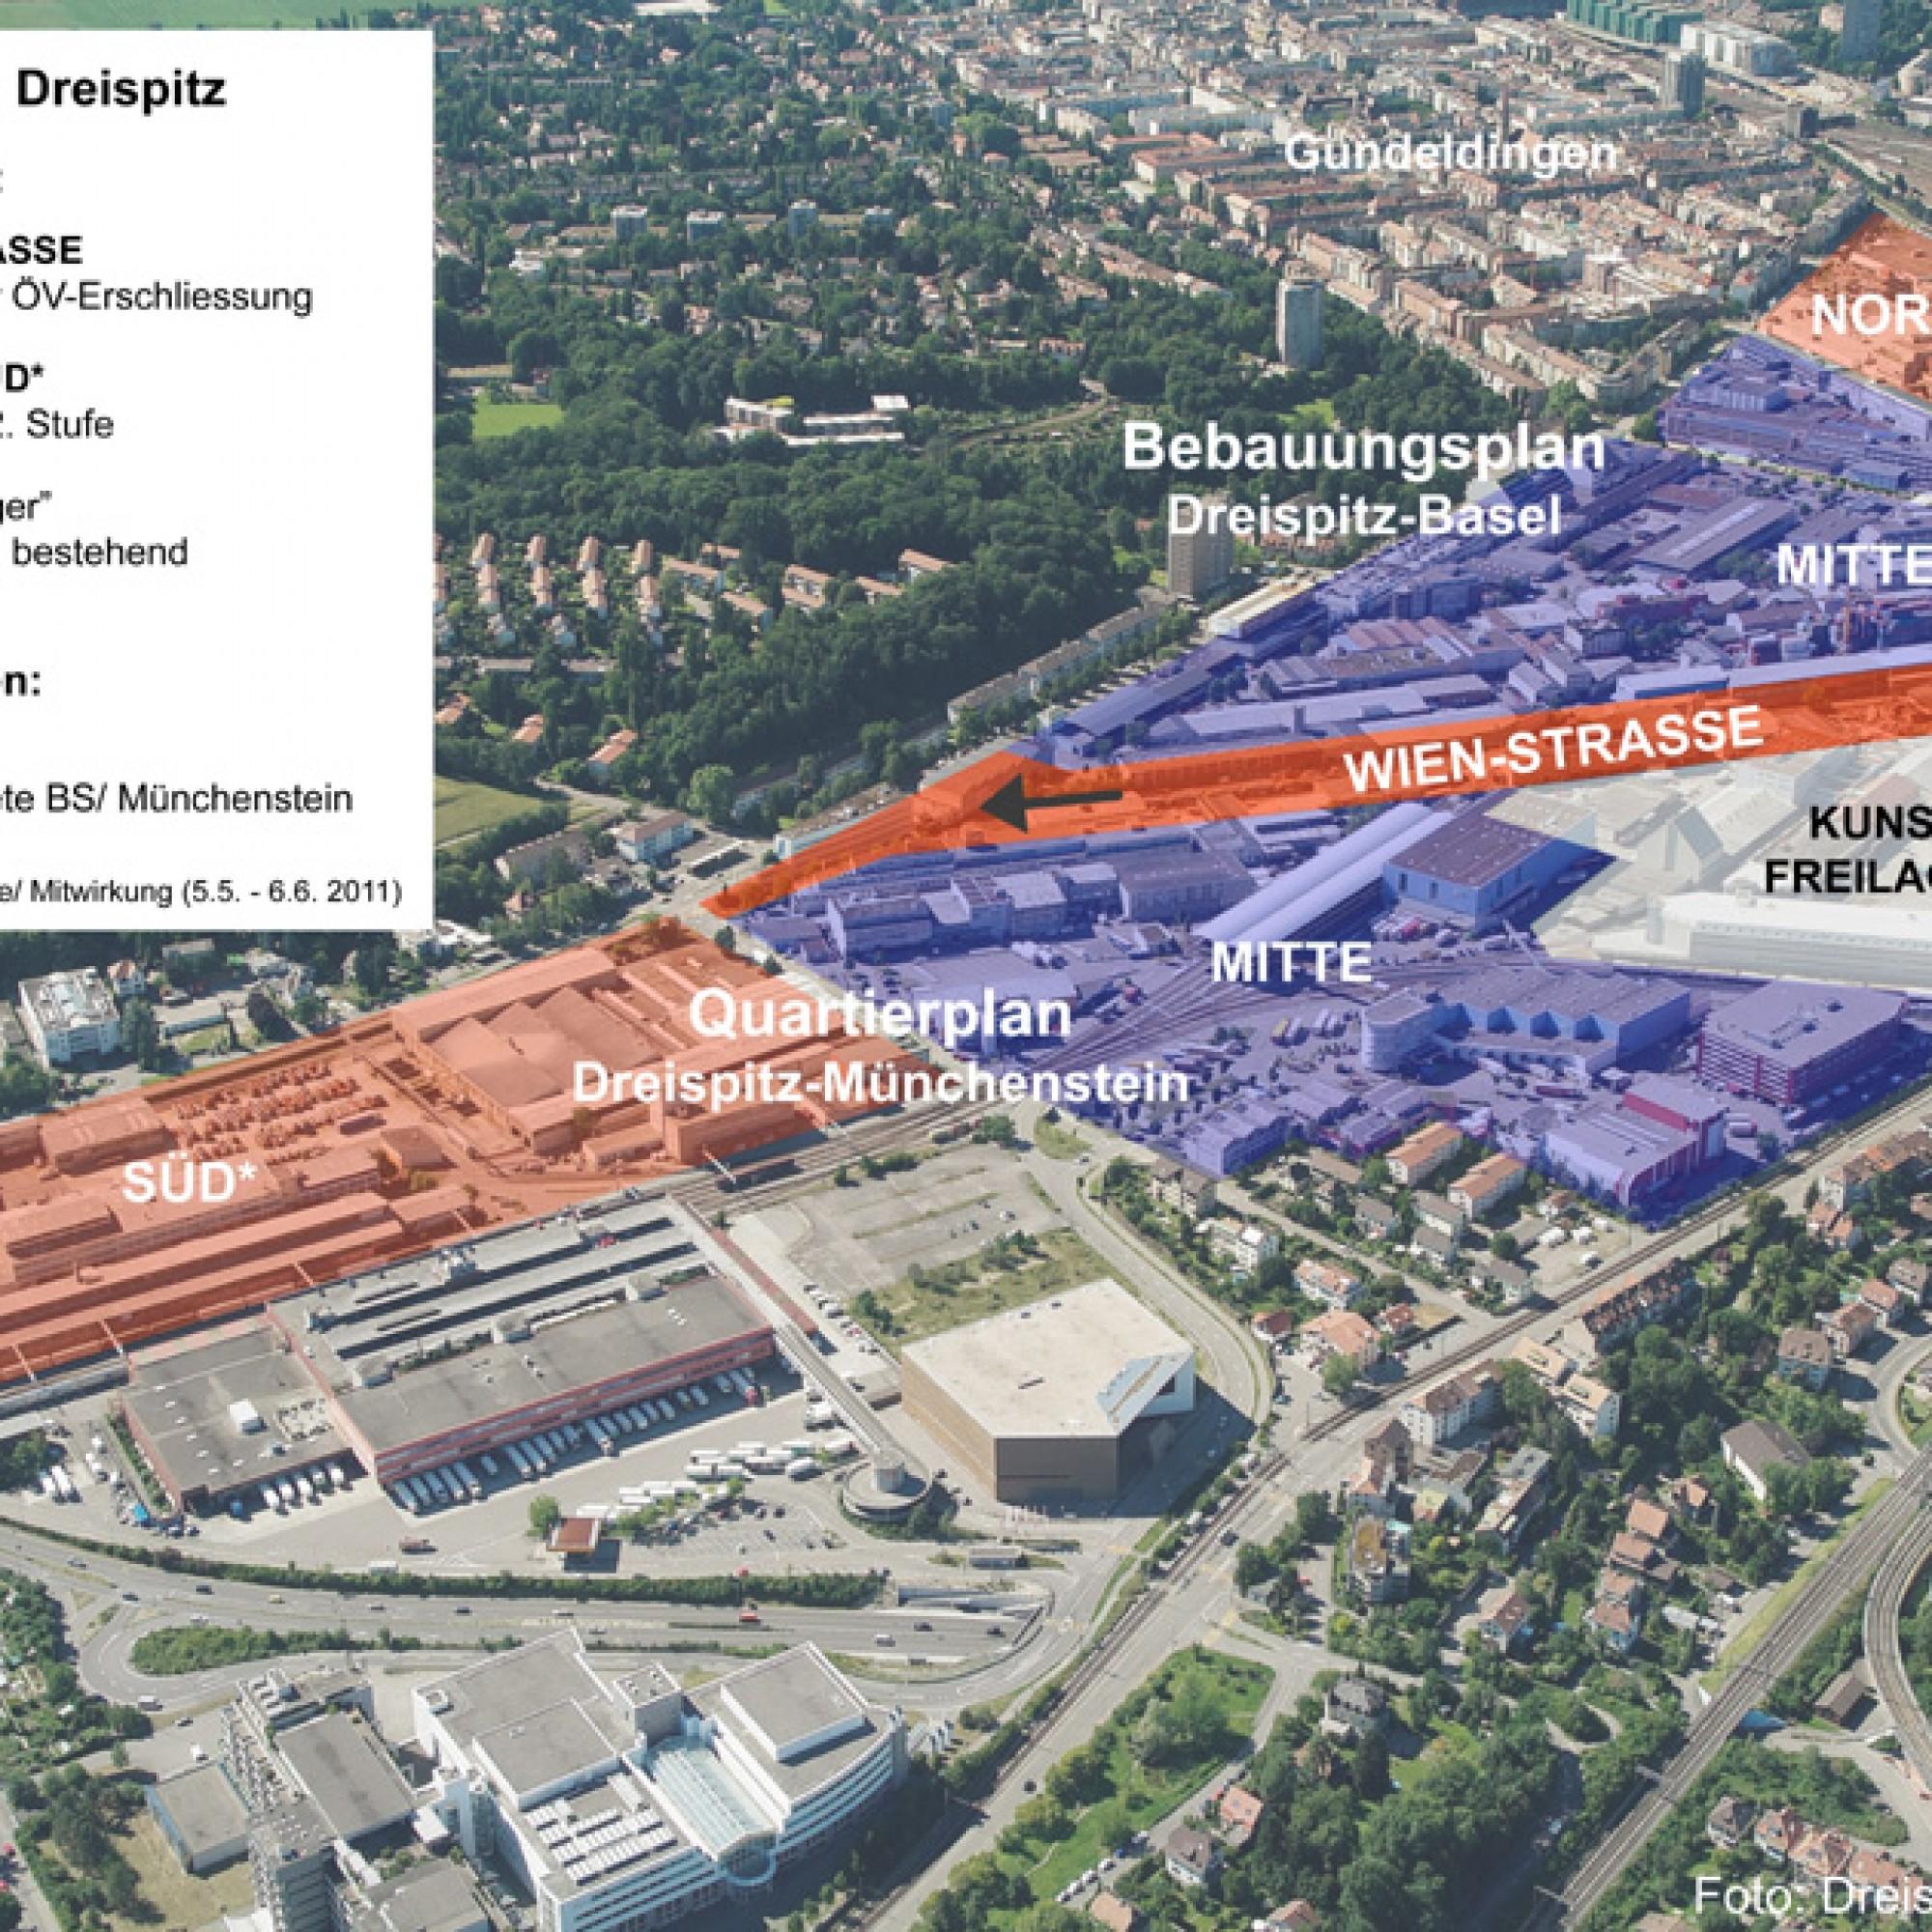 Luftbild von Basel mit dem Dreispitzareal (Bild: Planungsamt Basel)